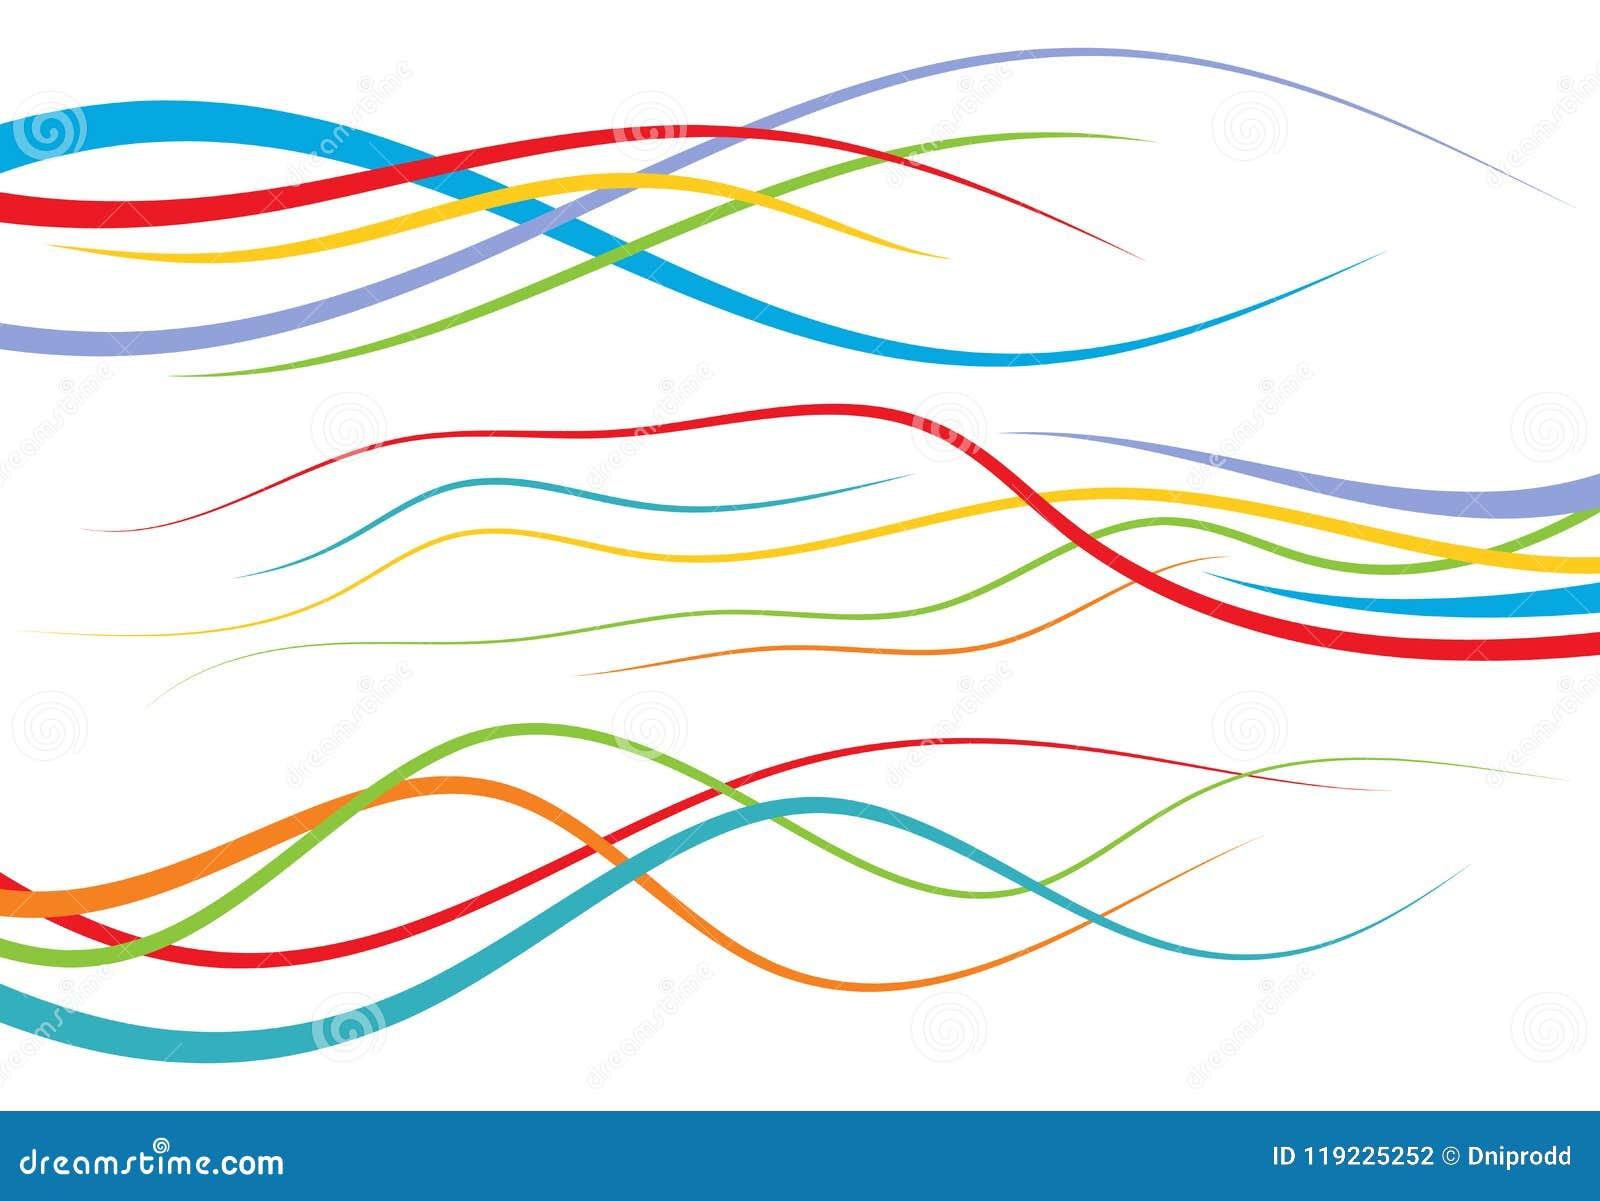 Σύνολο αφηρημένων καμμμένων χρώμα γραμμών Στοιχείο σχεδίου κυμάτων